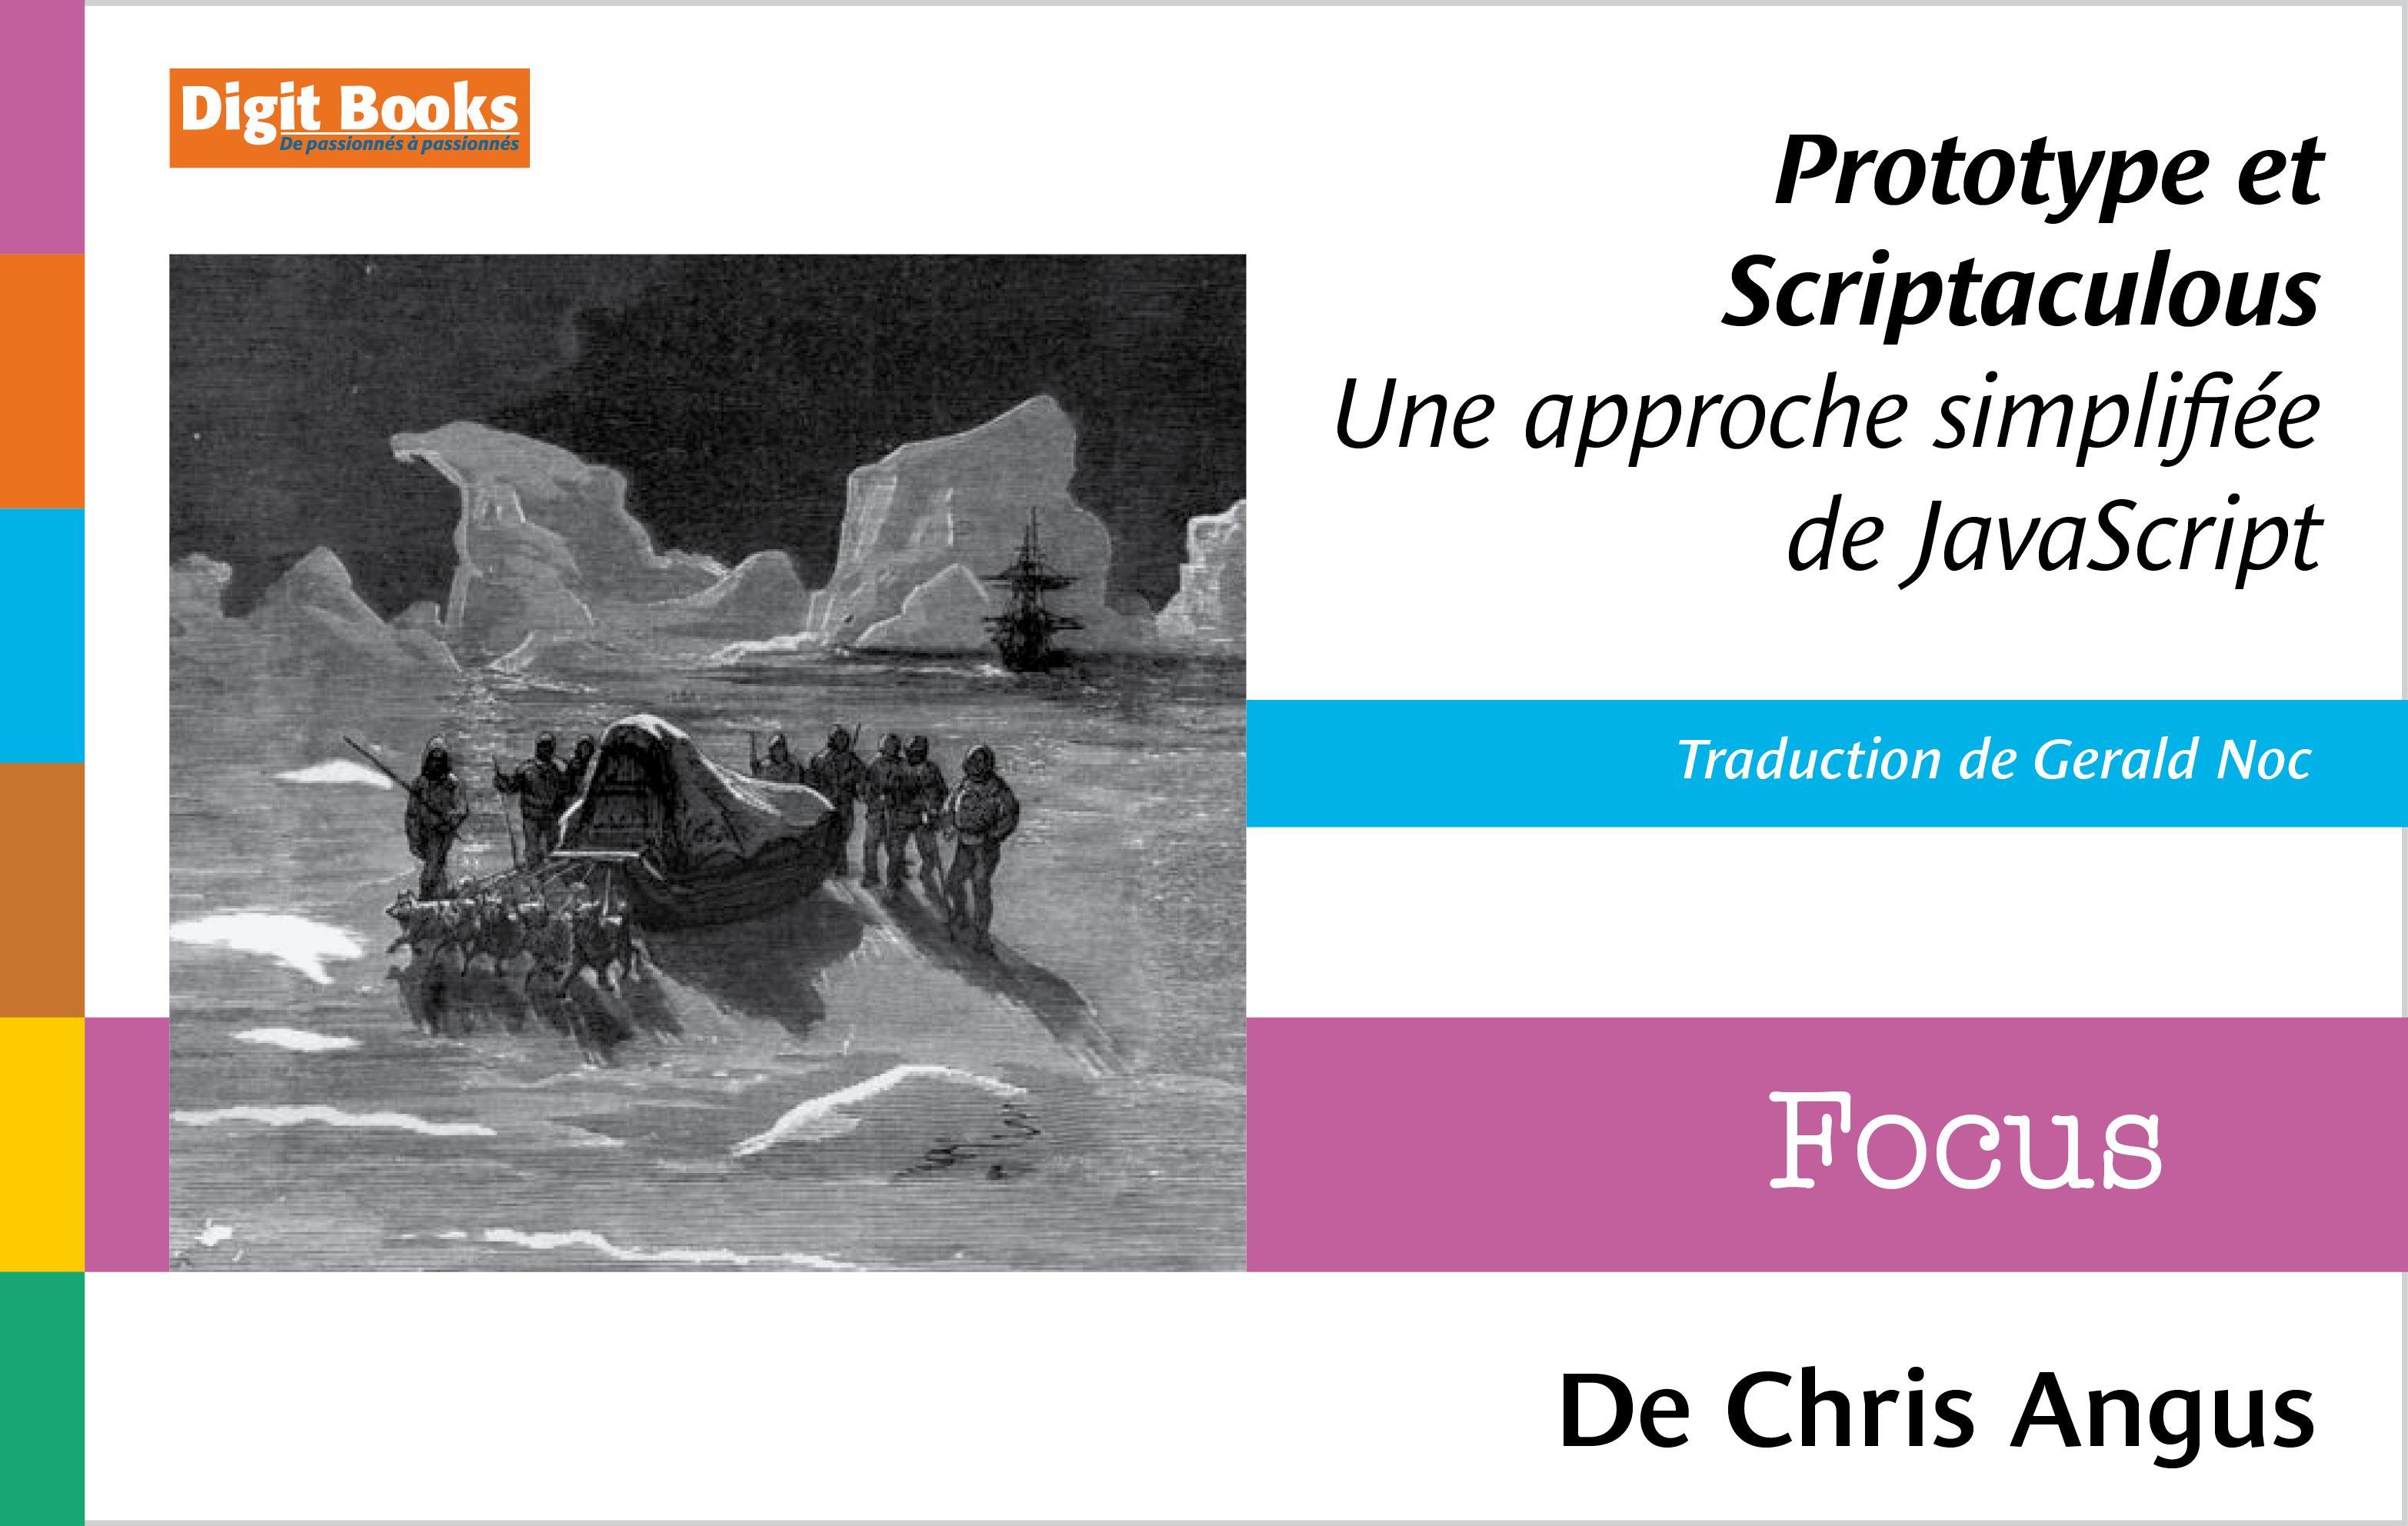 Prototype et Scriptaculous : une approche simplifiée de JavaScript